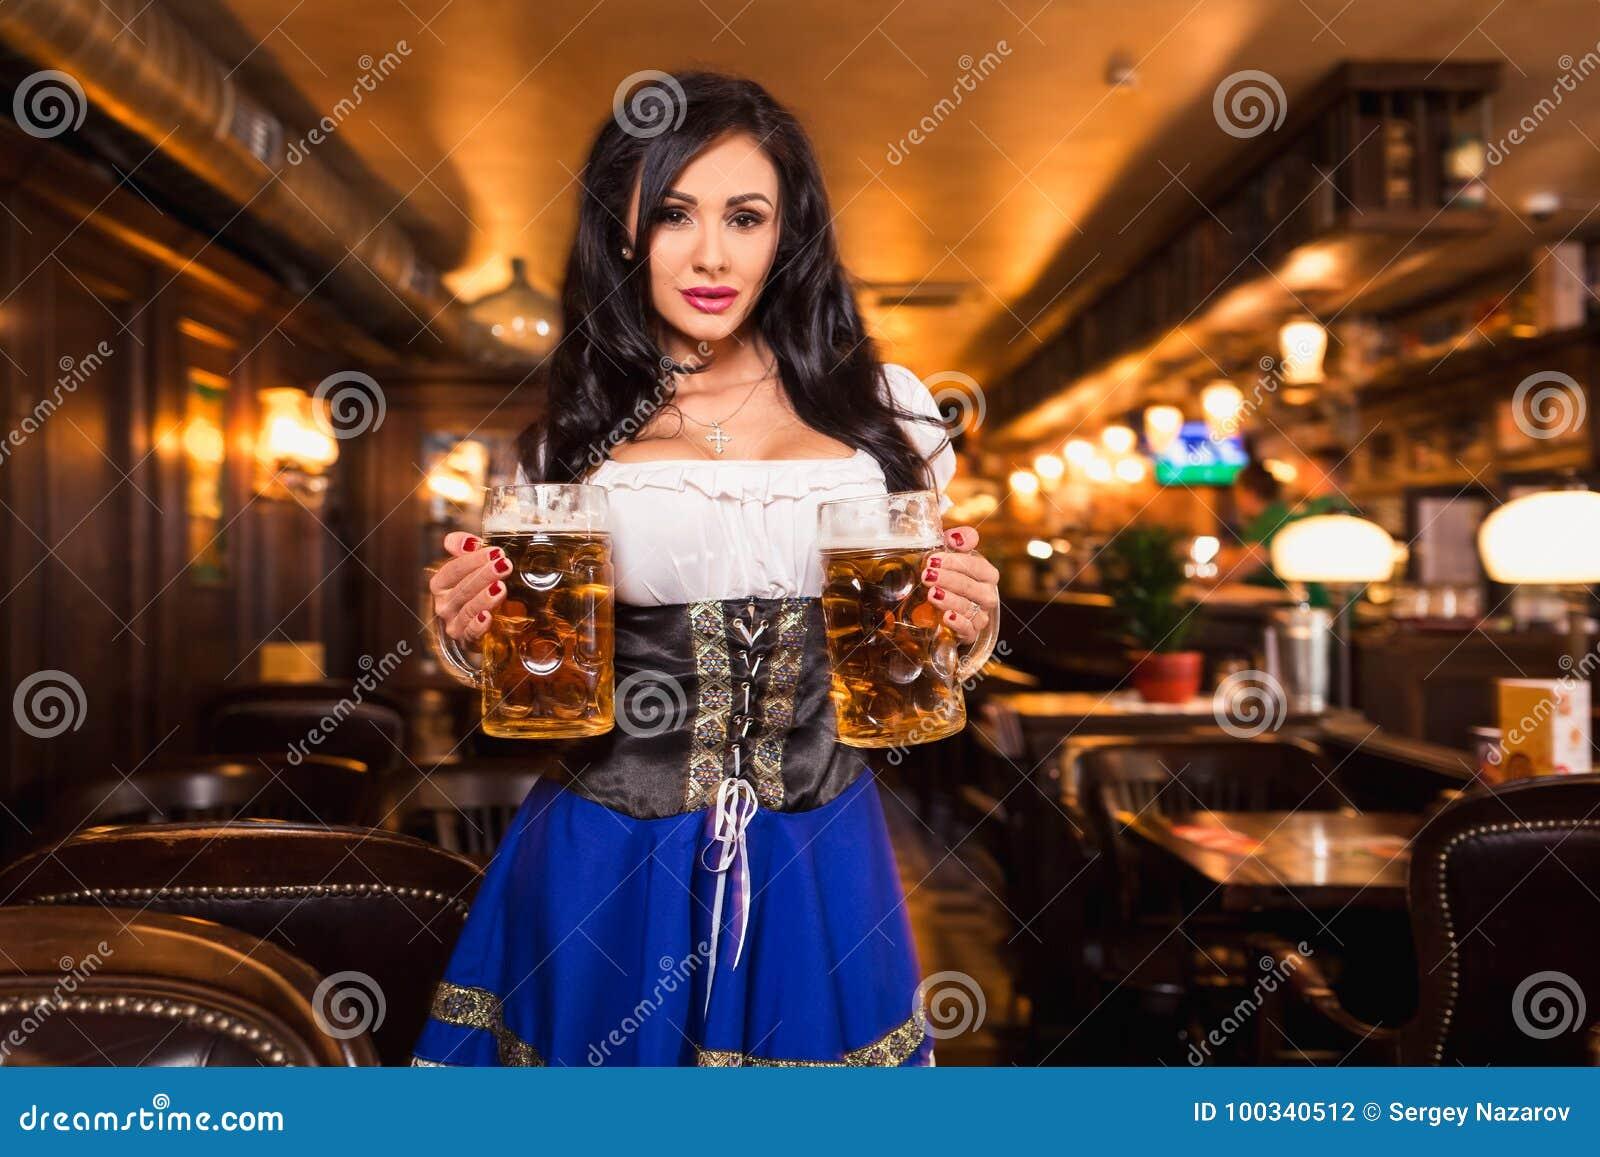 Молодая официантка приносит пиво к посетителям